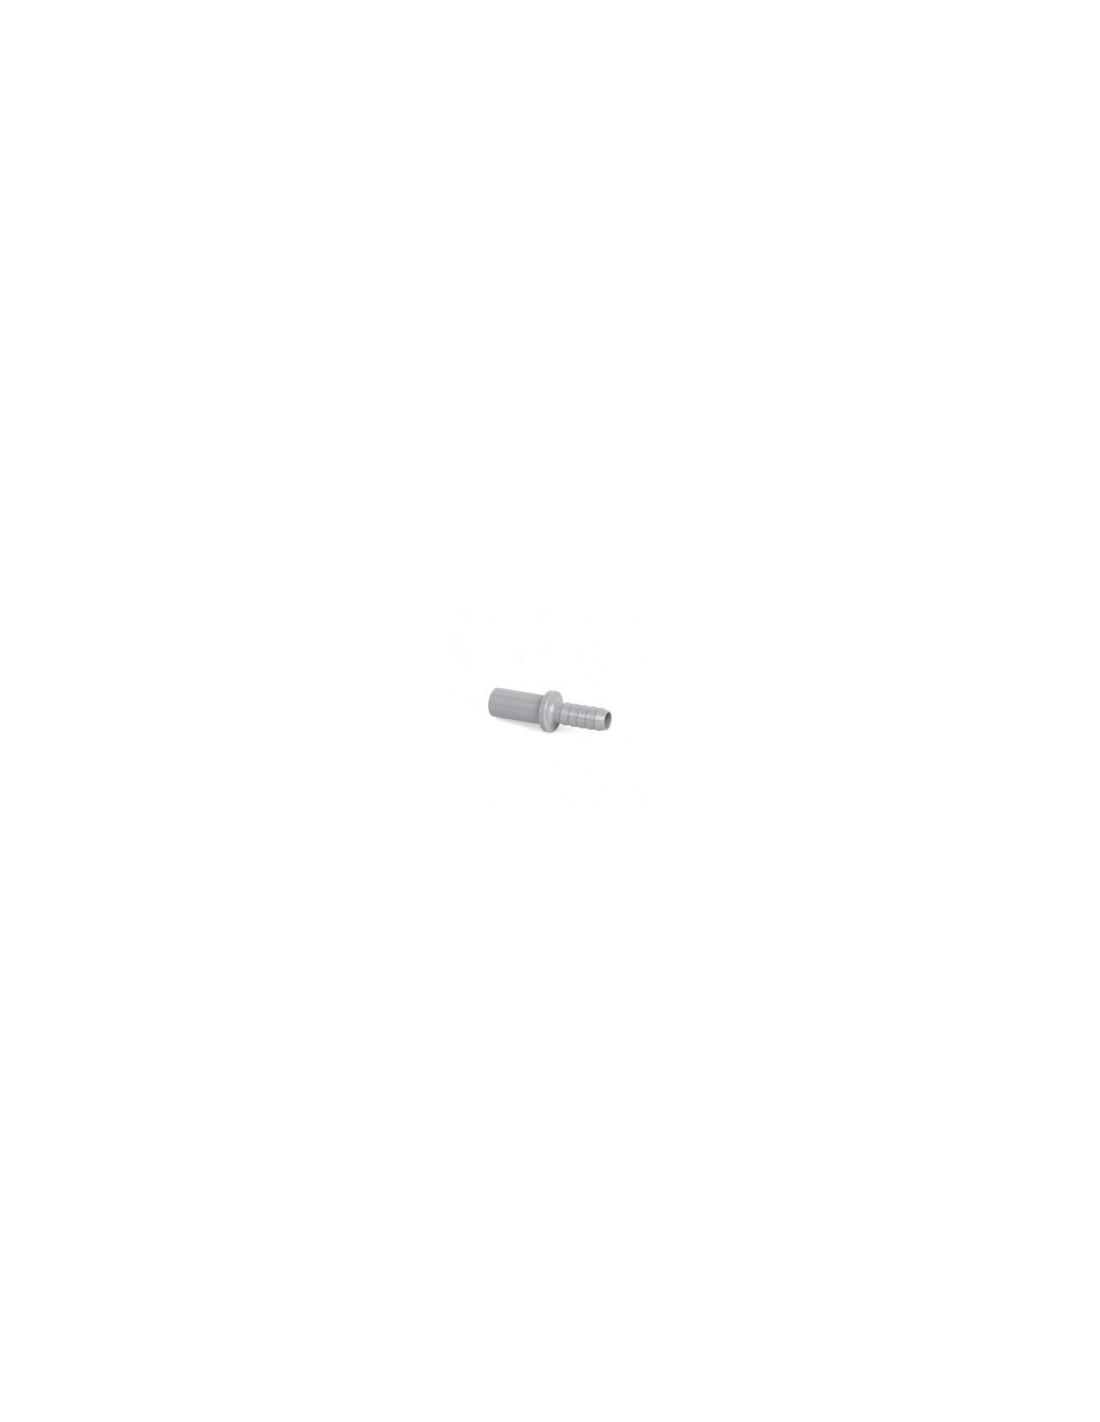 """SPO00122 - JG övergång från nippel till snabbkopplingshane 9,5 x 8 mm (3/8"""" x 5/16"""") (pi251210s)"""